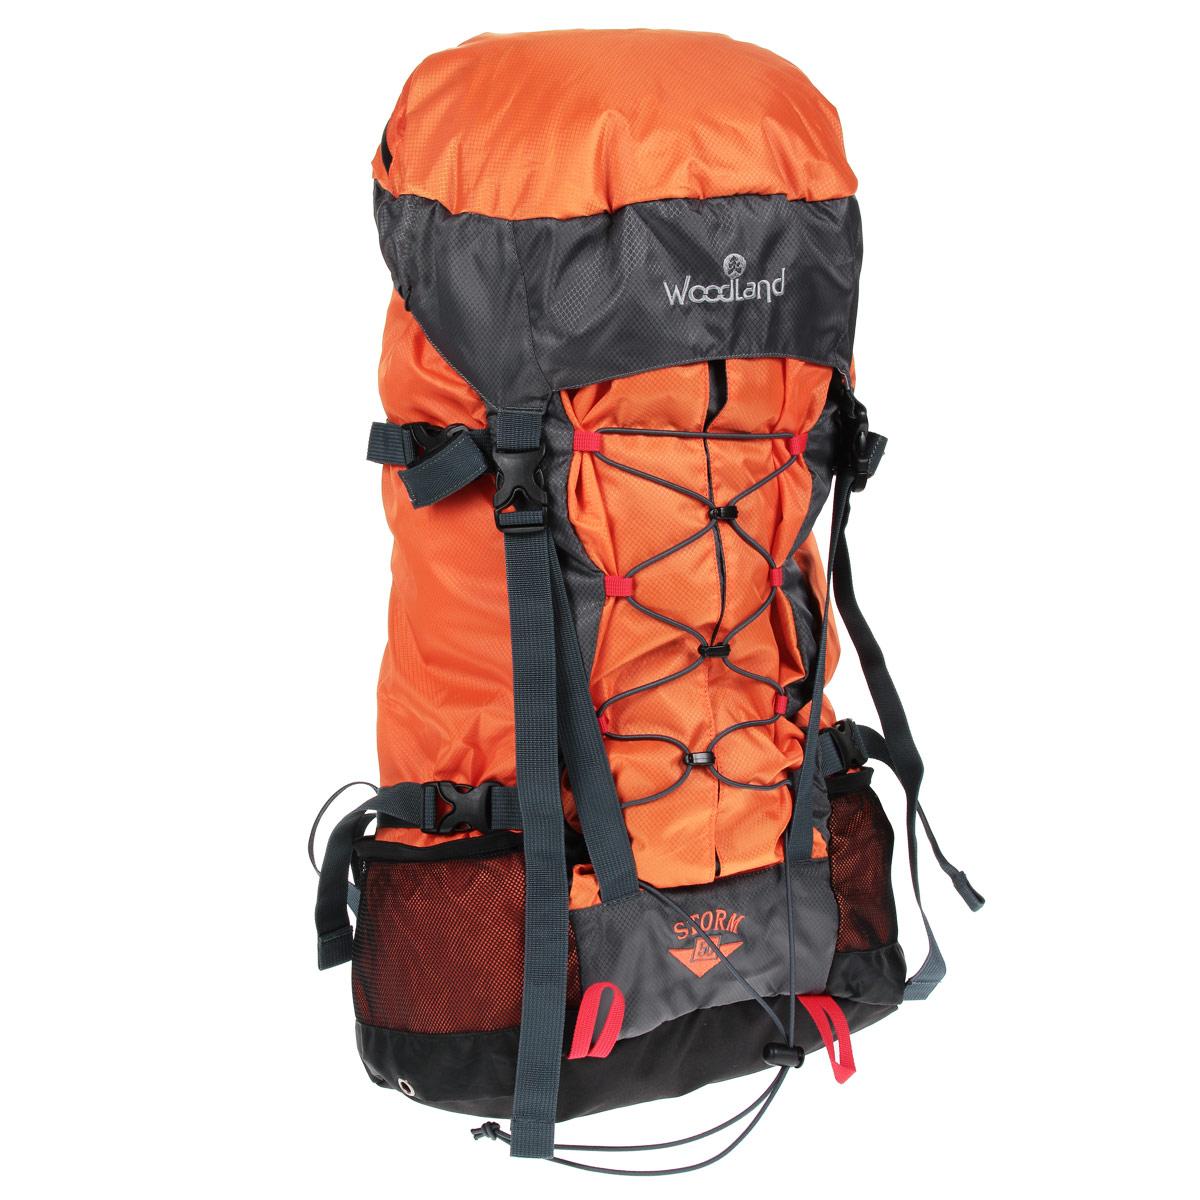 Рюкзак WoodLand Storm 50, цвет: оранжевый, темно-серый30782Рюкзак WoodLand Storm 50 - это комфорт и удобство для восхождения или прогулок. Малый вес и большой объем. Удобный внешний карман с легким доступом вмещает все необходимое оборудование. Особенности рюкзака: Клапан несъемный, с карманом на на влагозащищенной молнии. Один вход в основное отделение, верхний. Фронтальный вместительный карман с вертикальной загрузкой. Точки подвески питьевой системы на VELCRO (липучка). Широкие крылья поясного ремня. S-образные лямки. Грудная стяжка с резиновым компенсатором. Пластиковая фурнитура YKK.